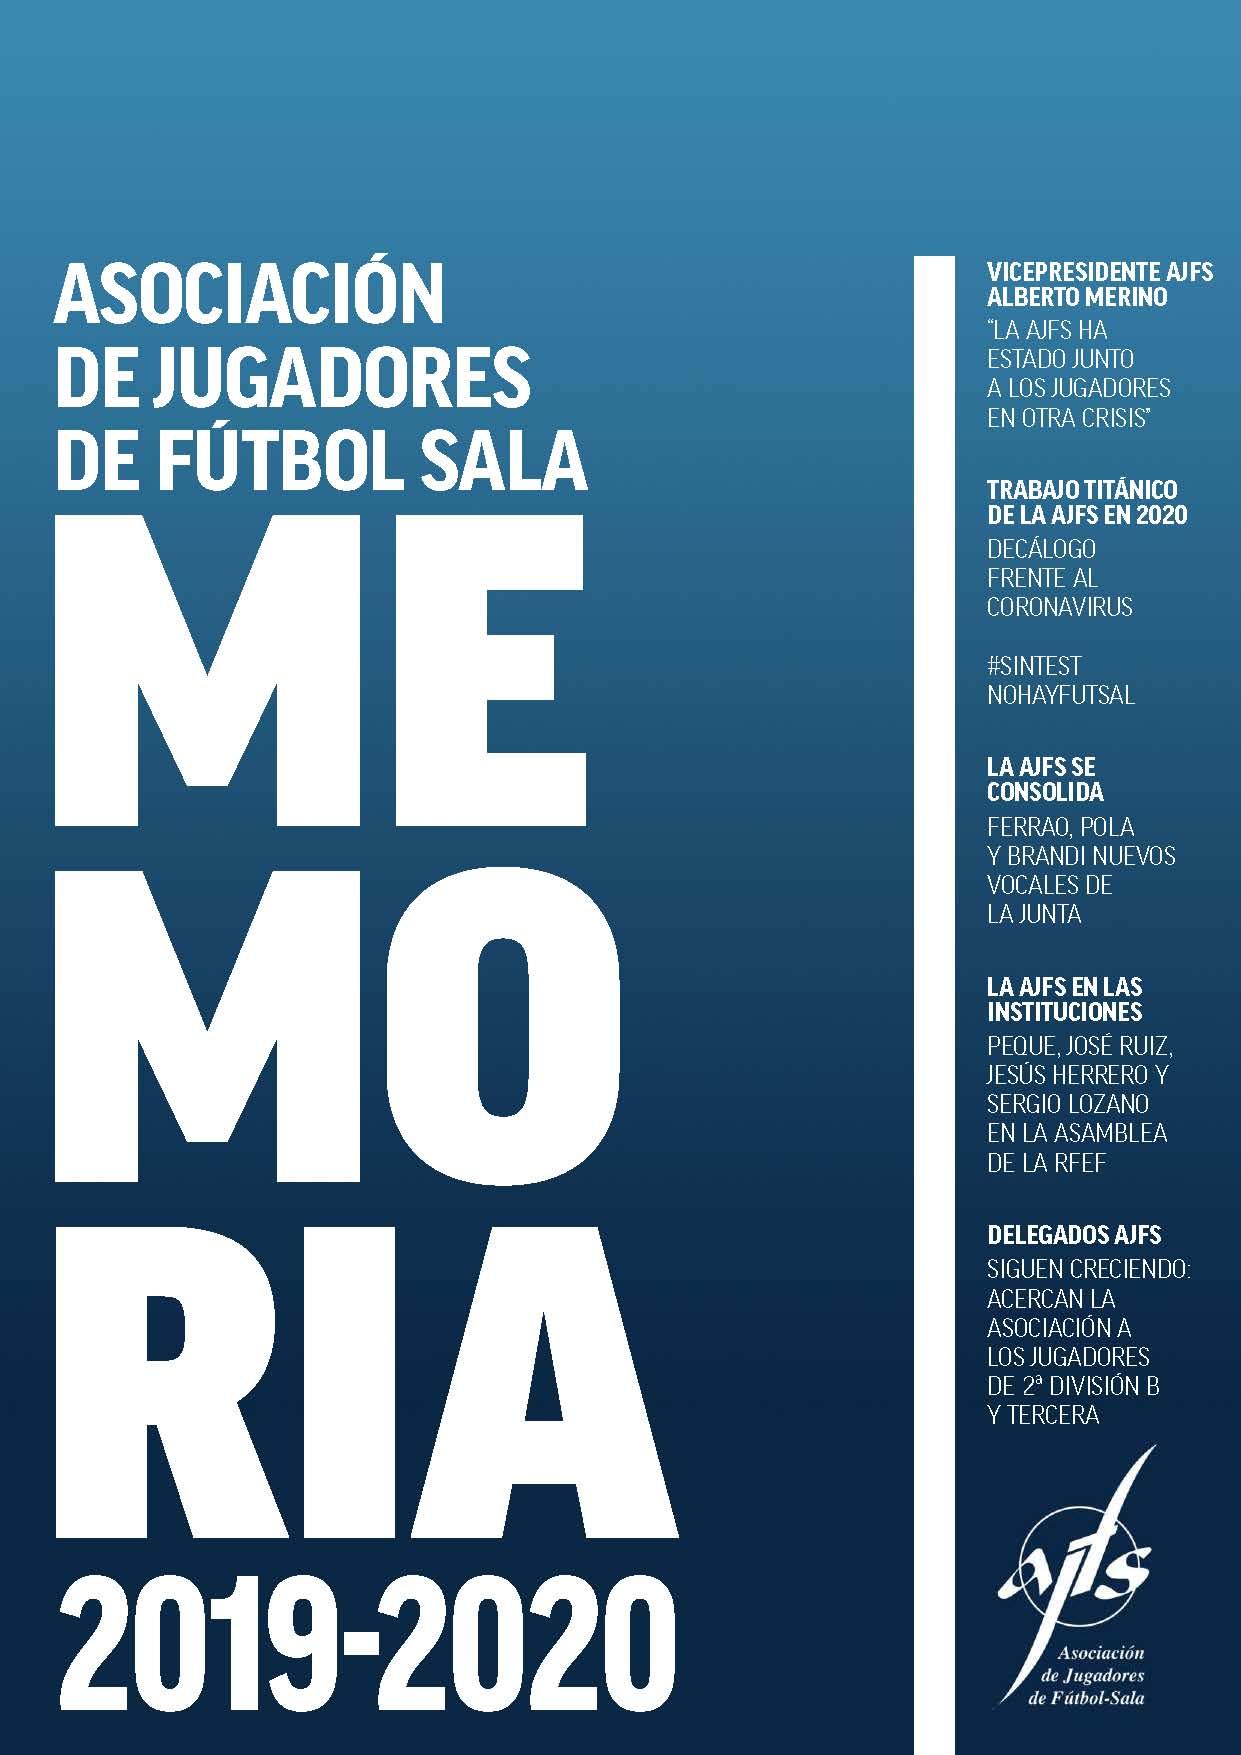 Memoria AJFS 2019-2020